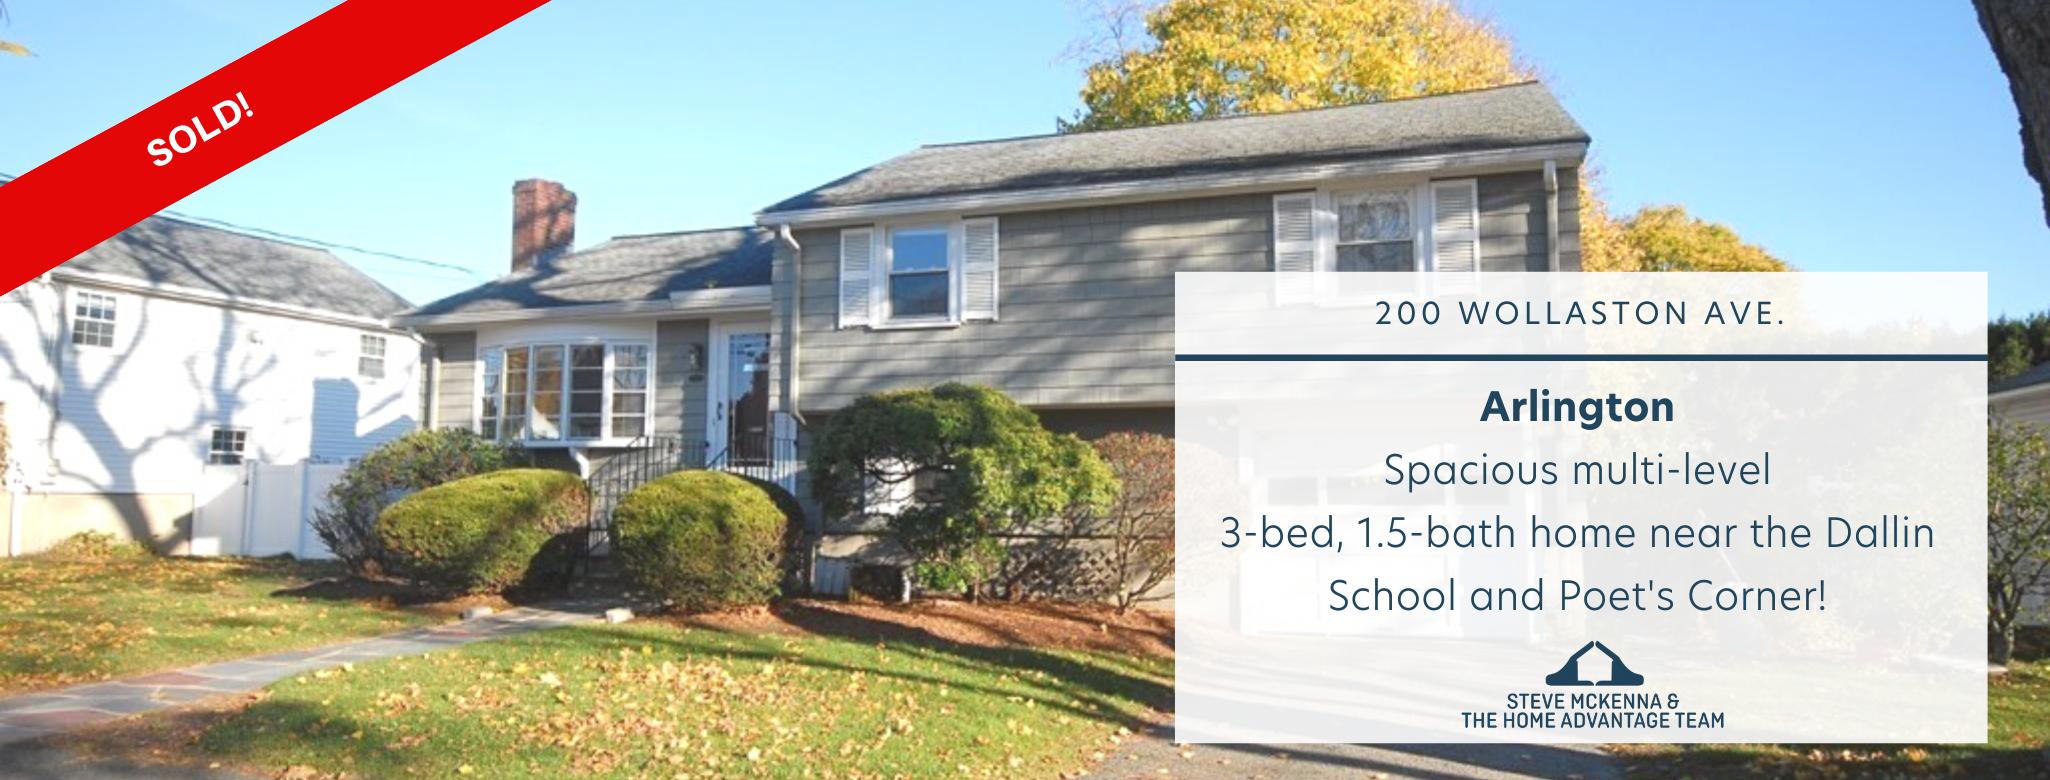 129 Sharon St., Medford   Condo Home For Sale